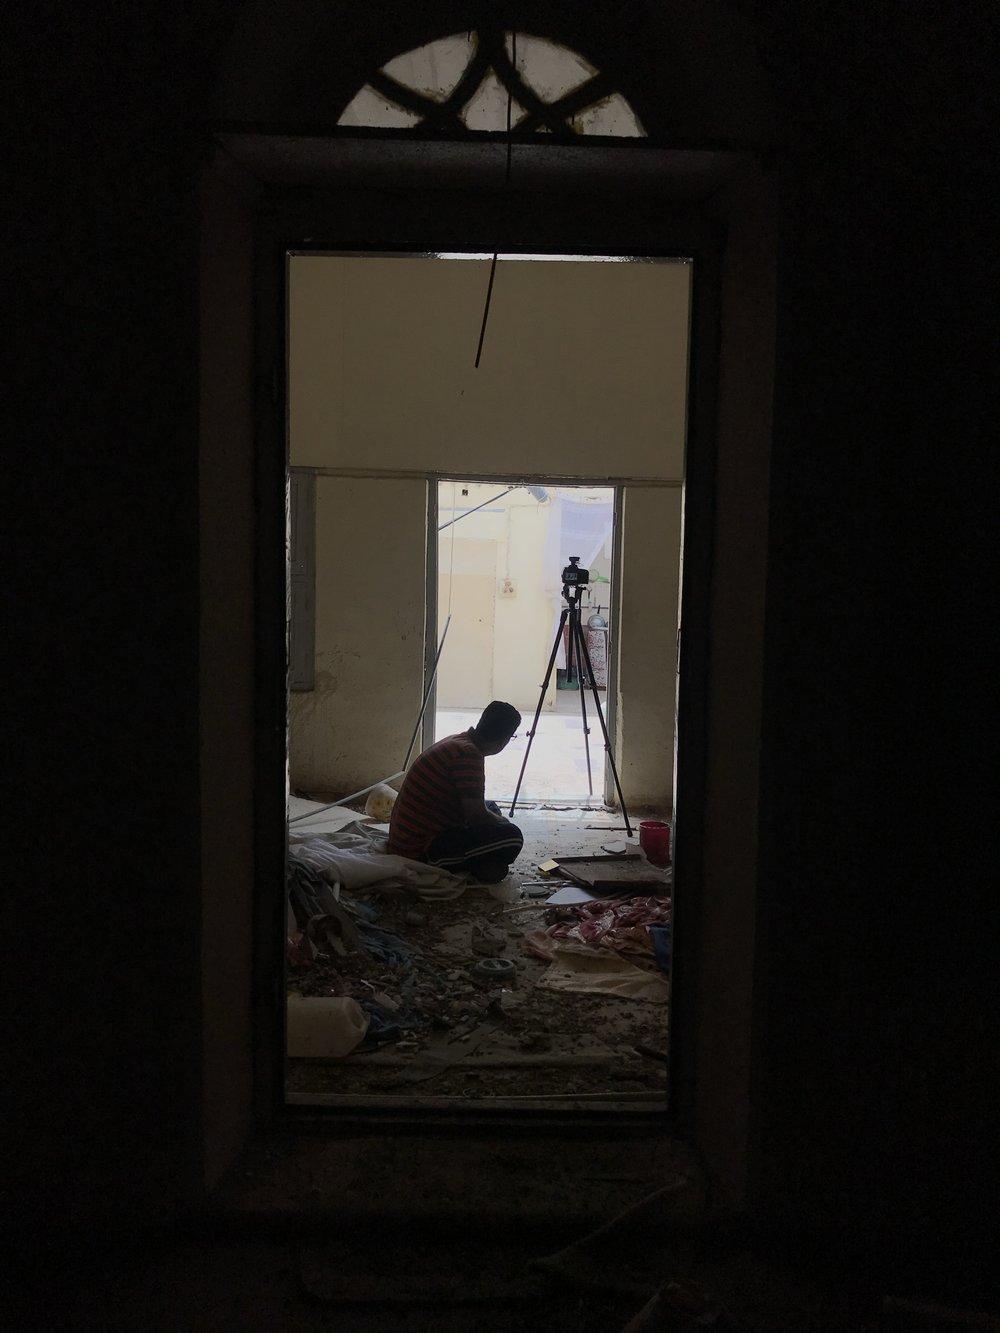 عمرو جمال يقدم بارقة أمل من وسط الأنقاض والدمار. صورة من الكواليس بإذن إسماعيل سليم إسماعيل